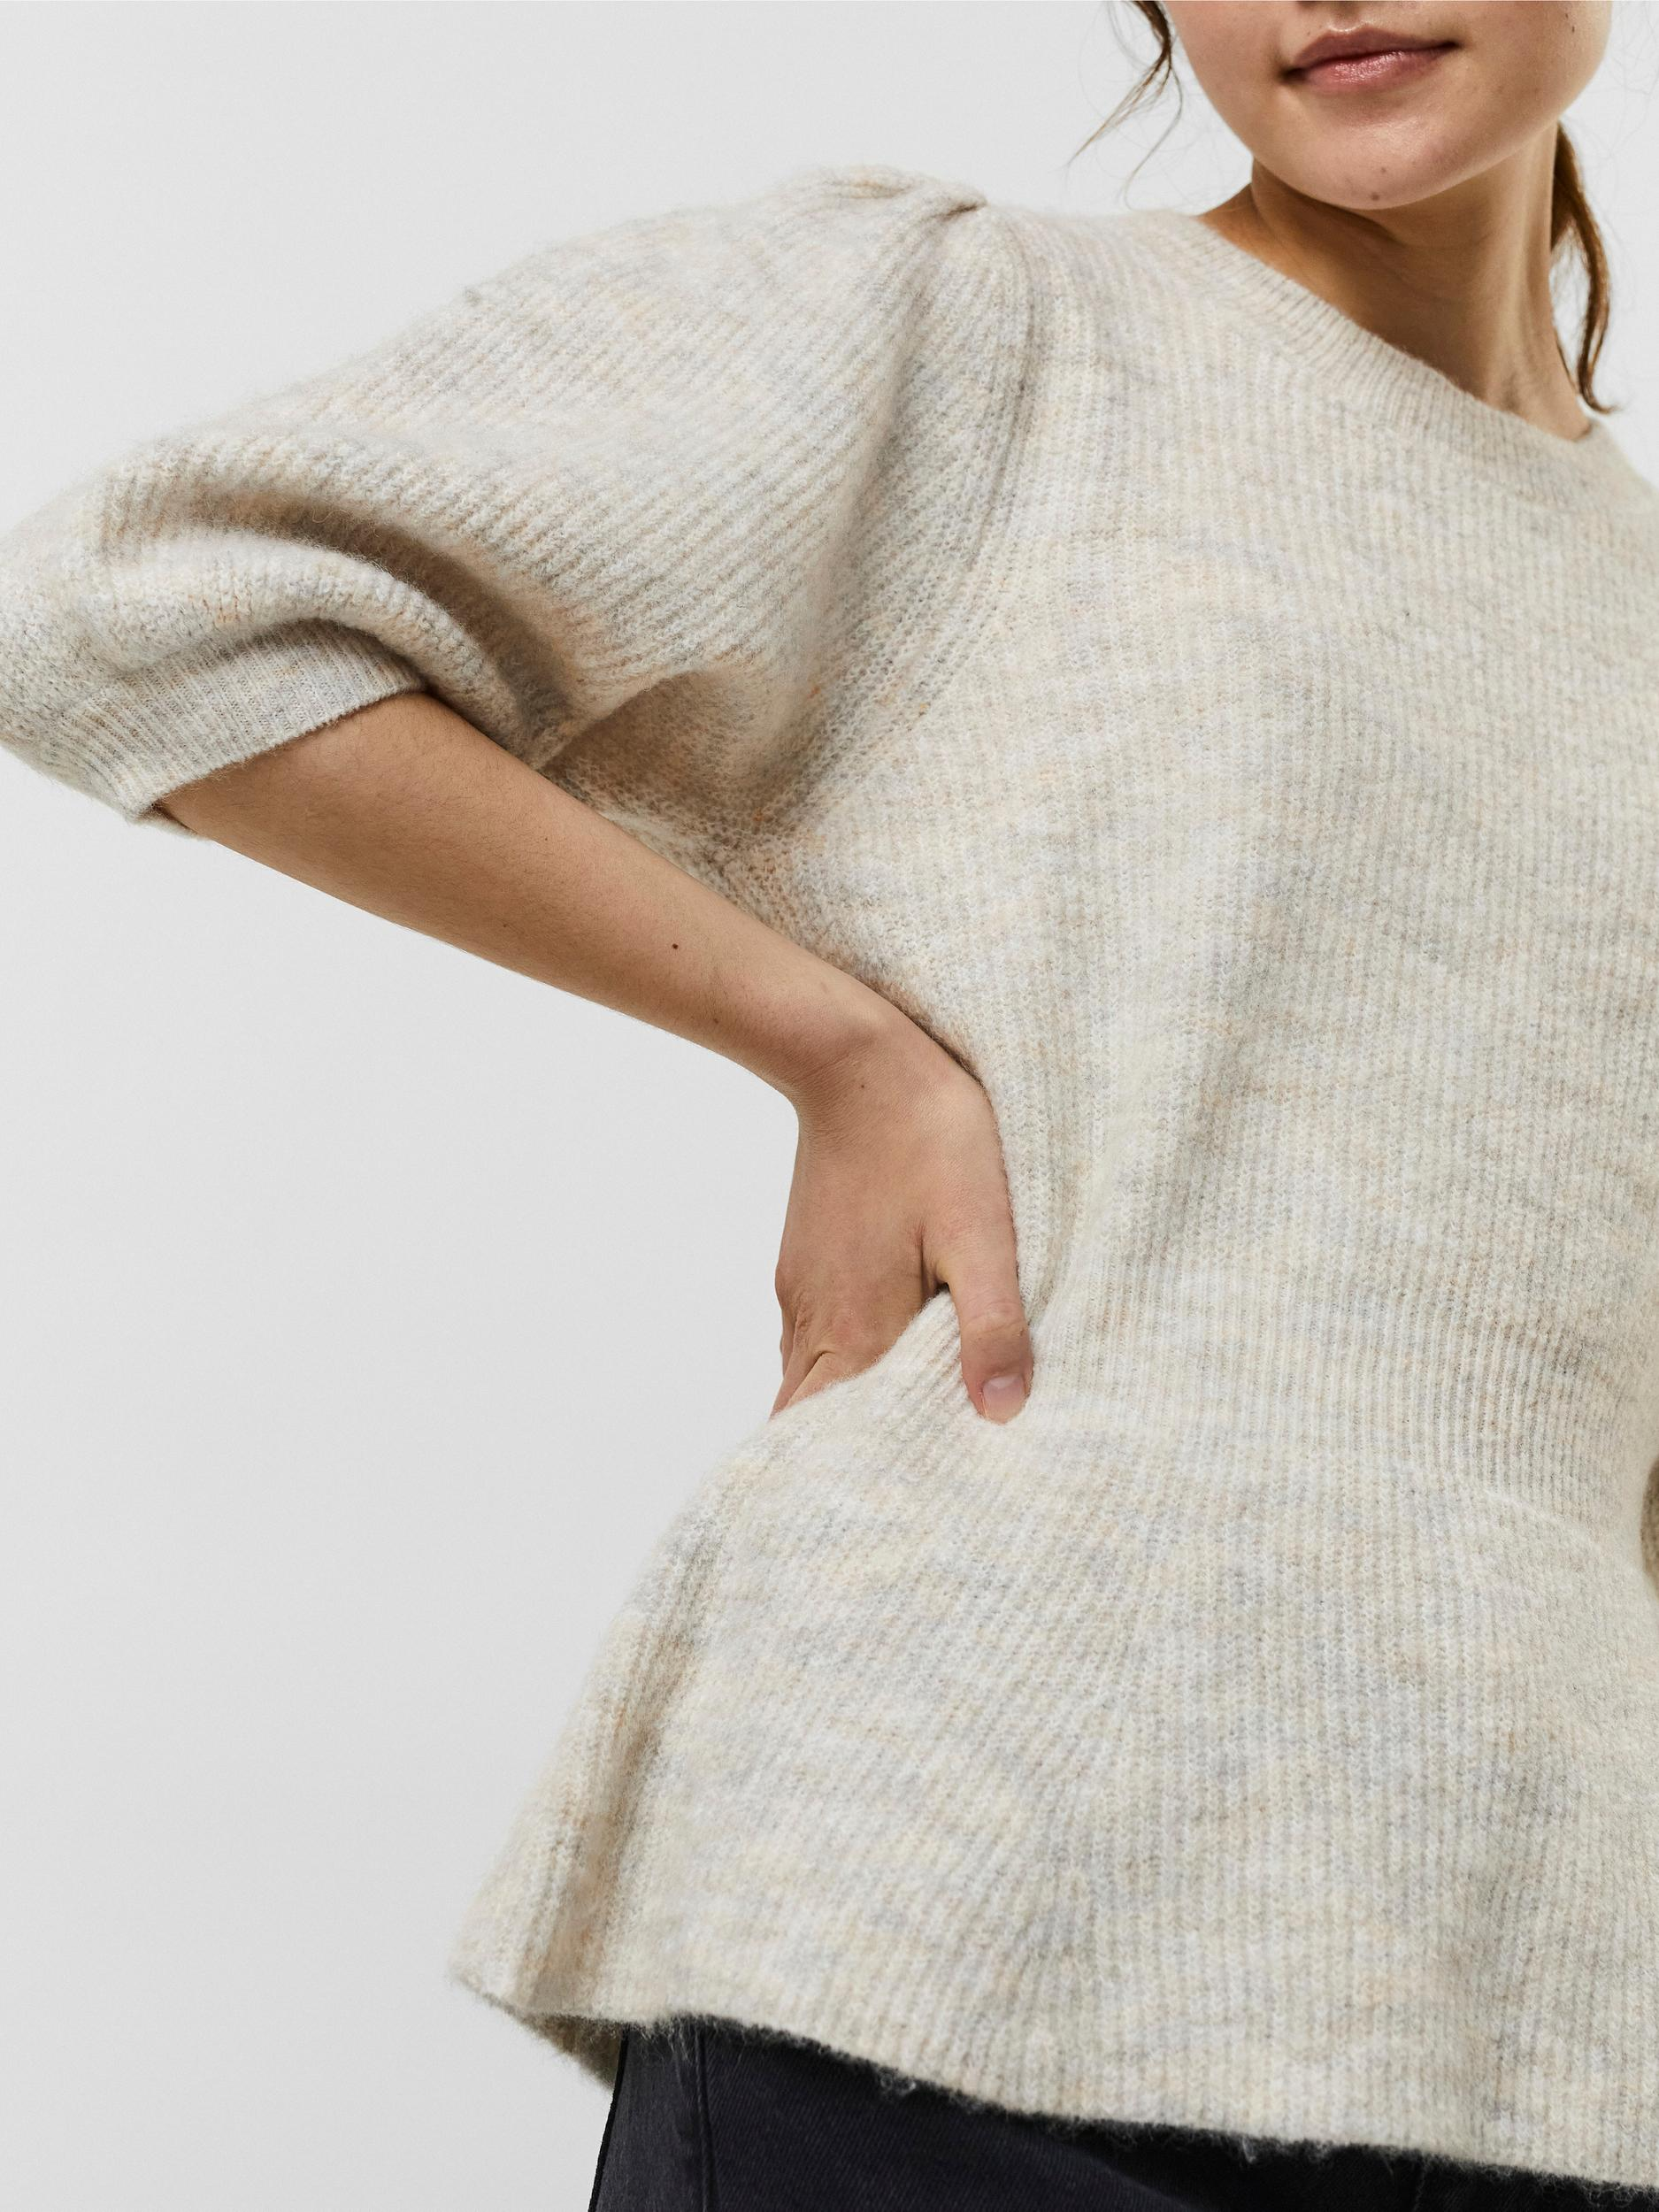 Vero Moda Mette strikbluse, birch, small